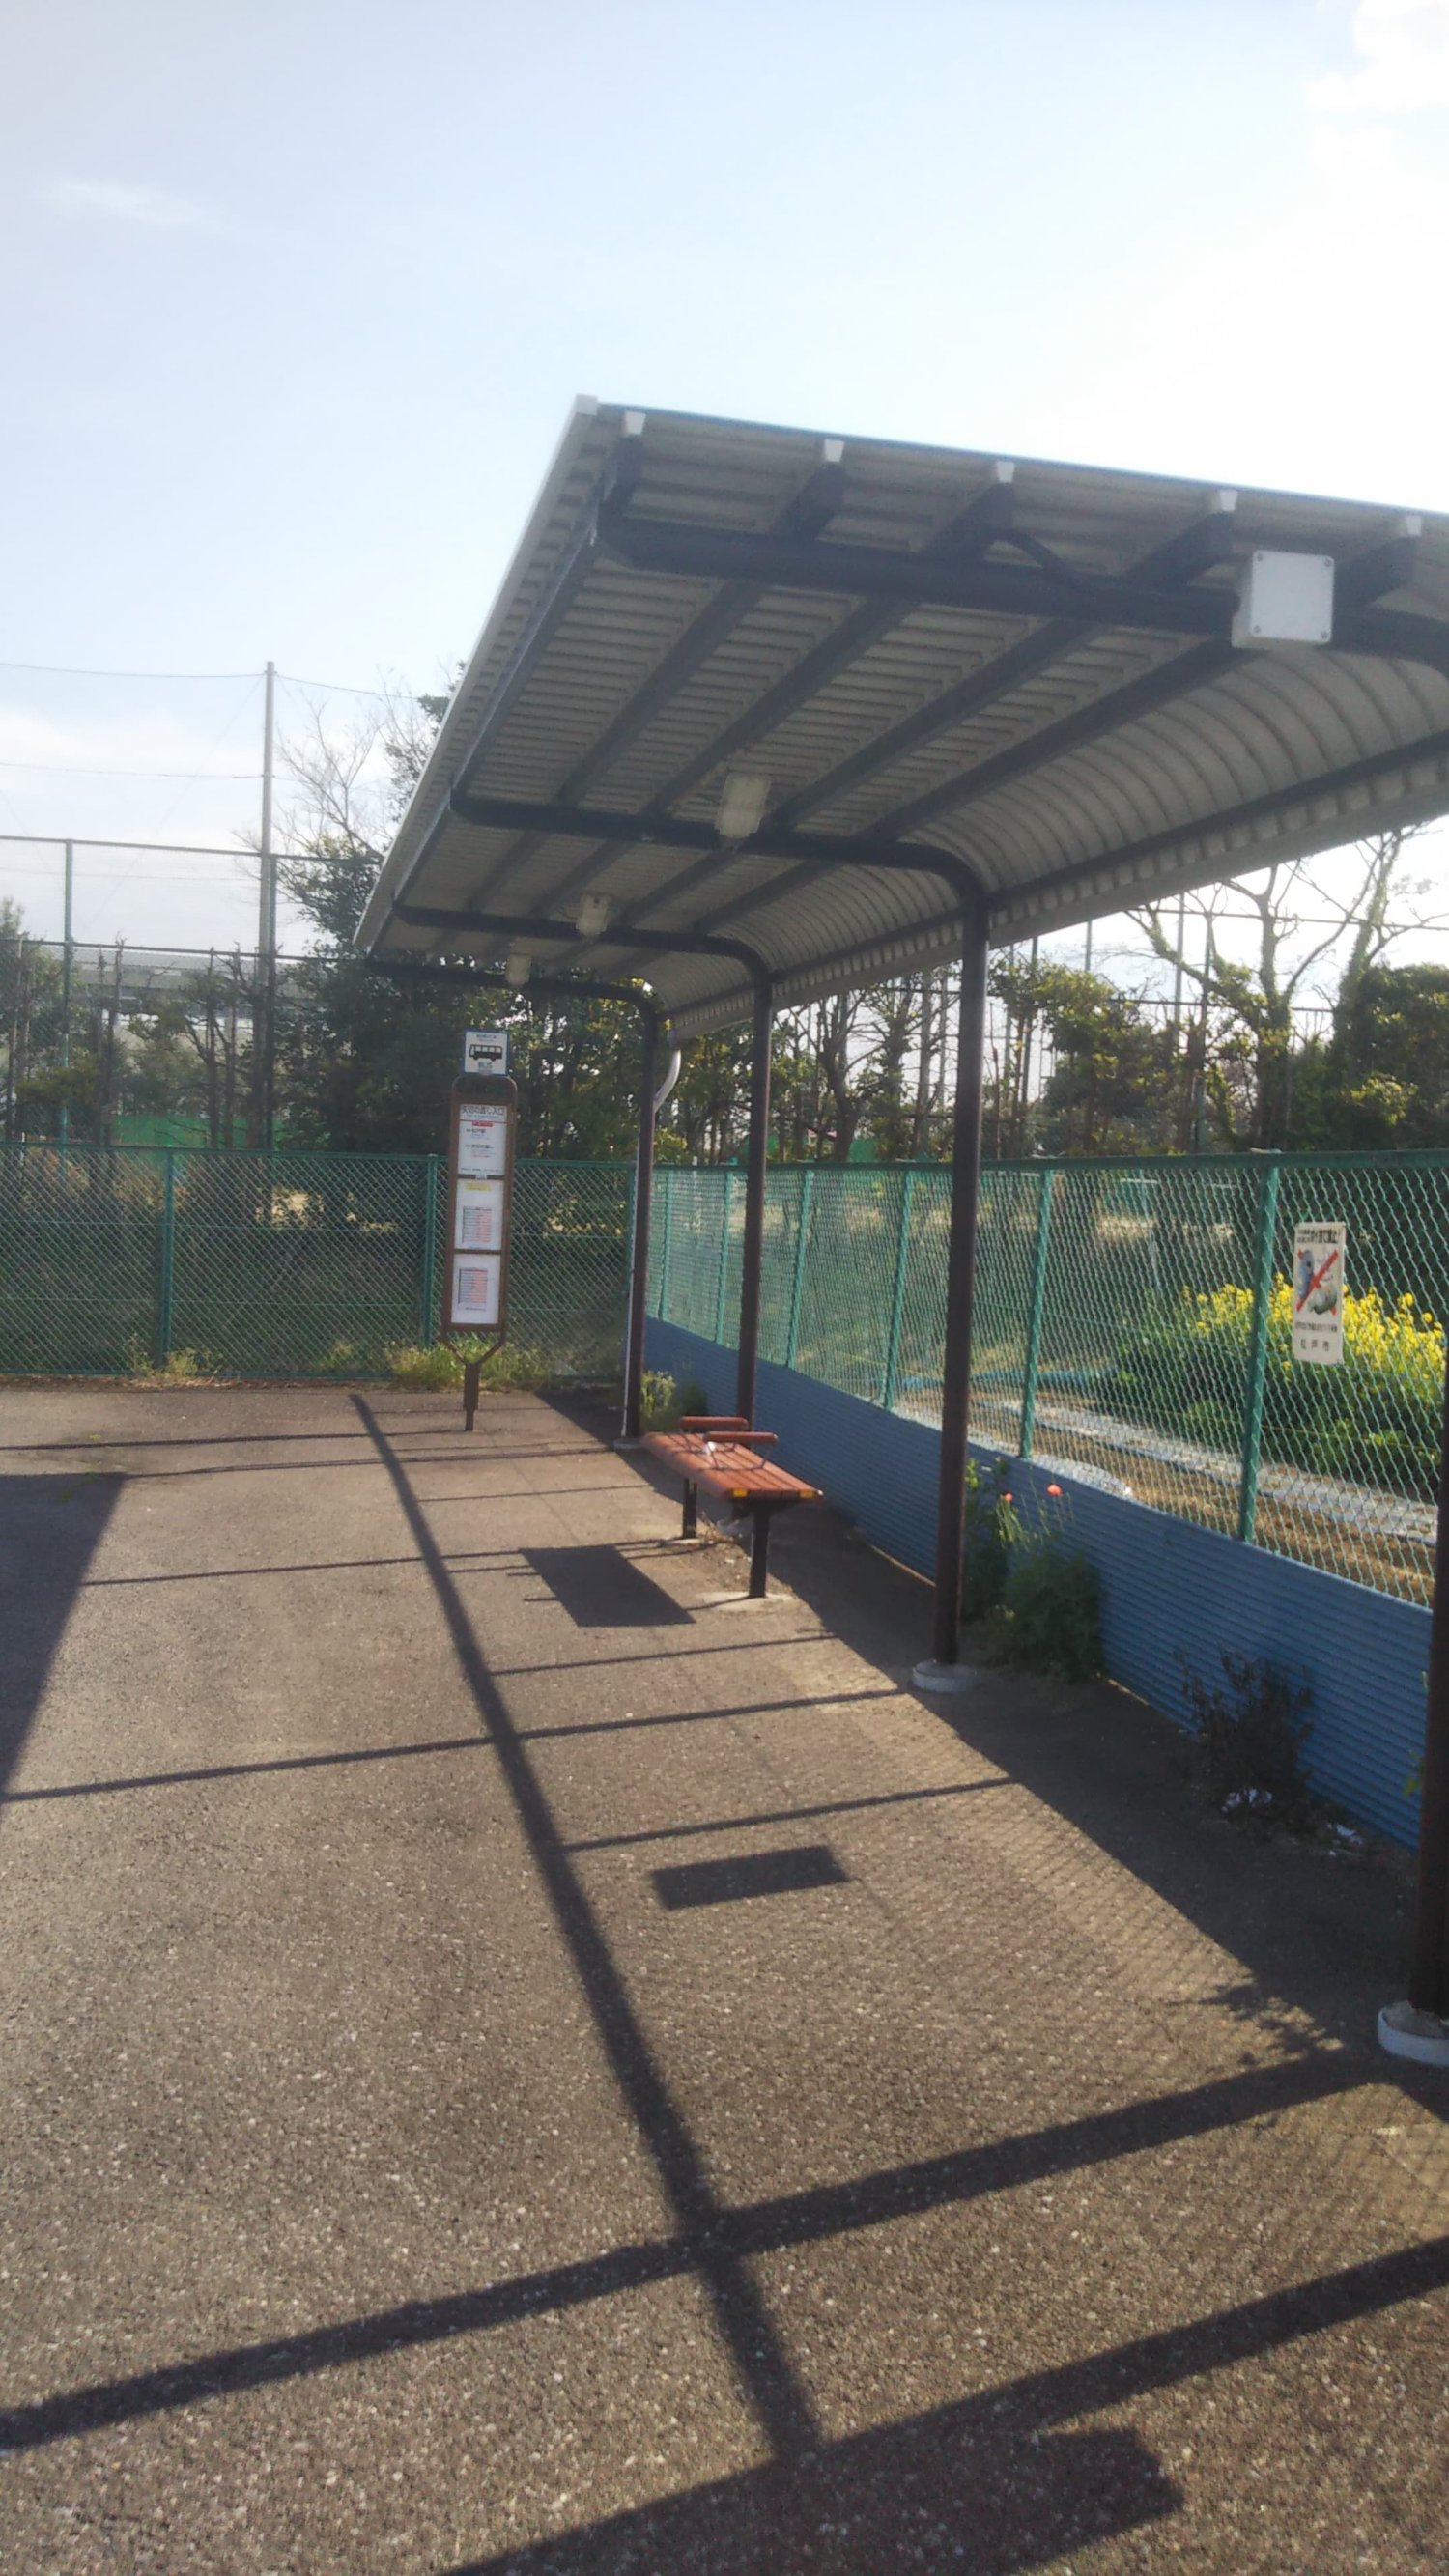 京成バス「松31系統」矢切の渡し停留所。周囲は松戸市特産「矢切ねぎ」などの畑が広がる。